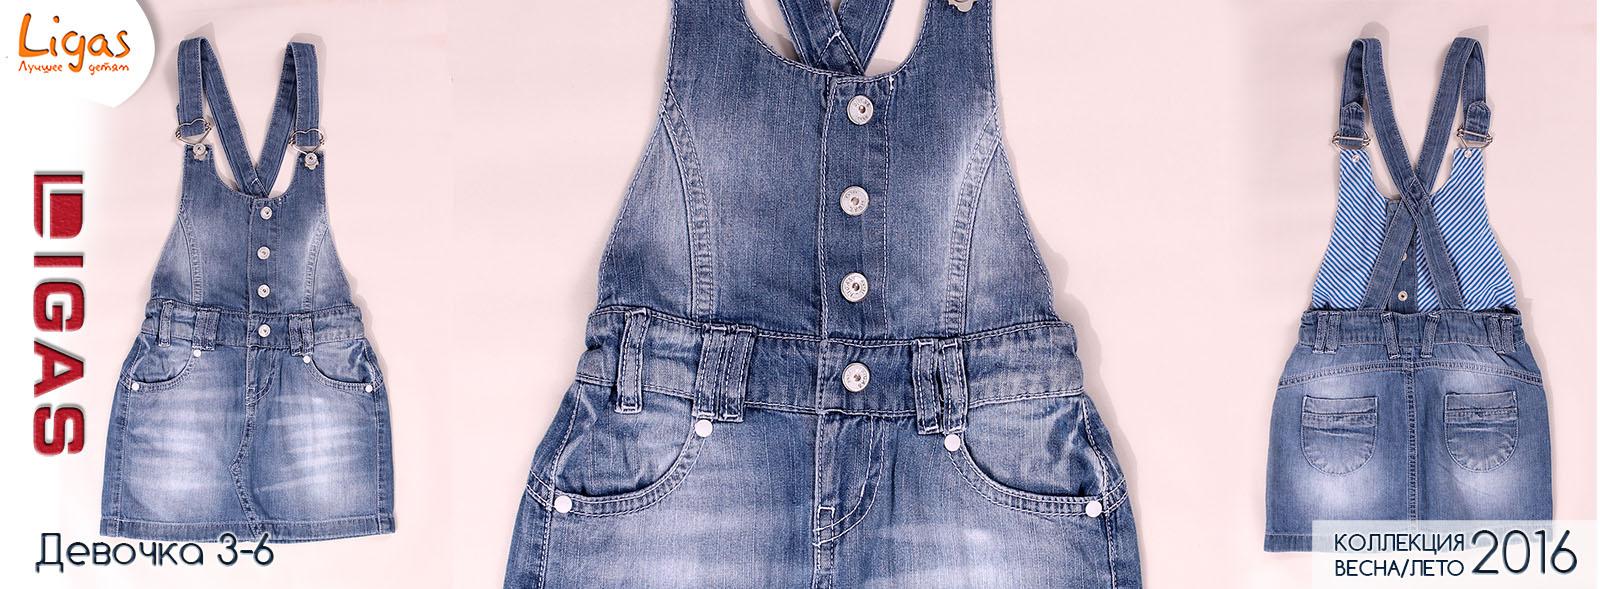 Открыла закупку по джинсам ТМ Ligas для ВСЕЙ СЕМЬИ. Что очень радует - наш поставщик, в отличие от остальных - цены НЕ